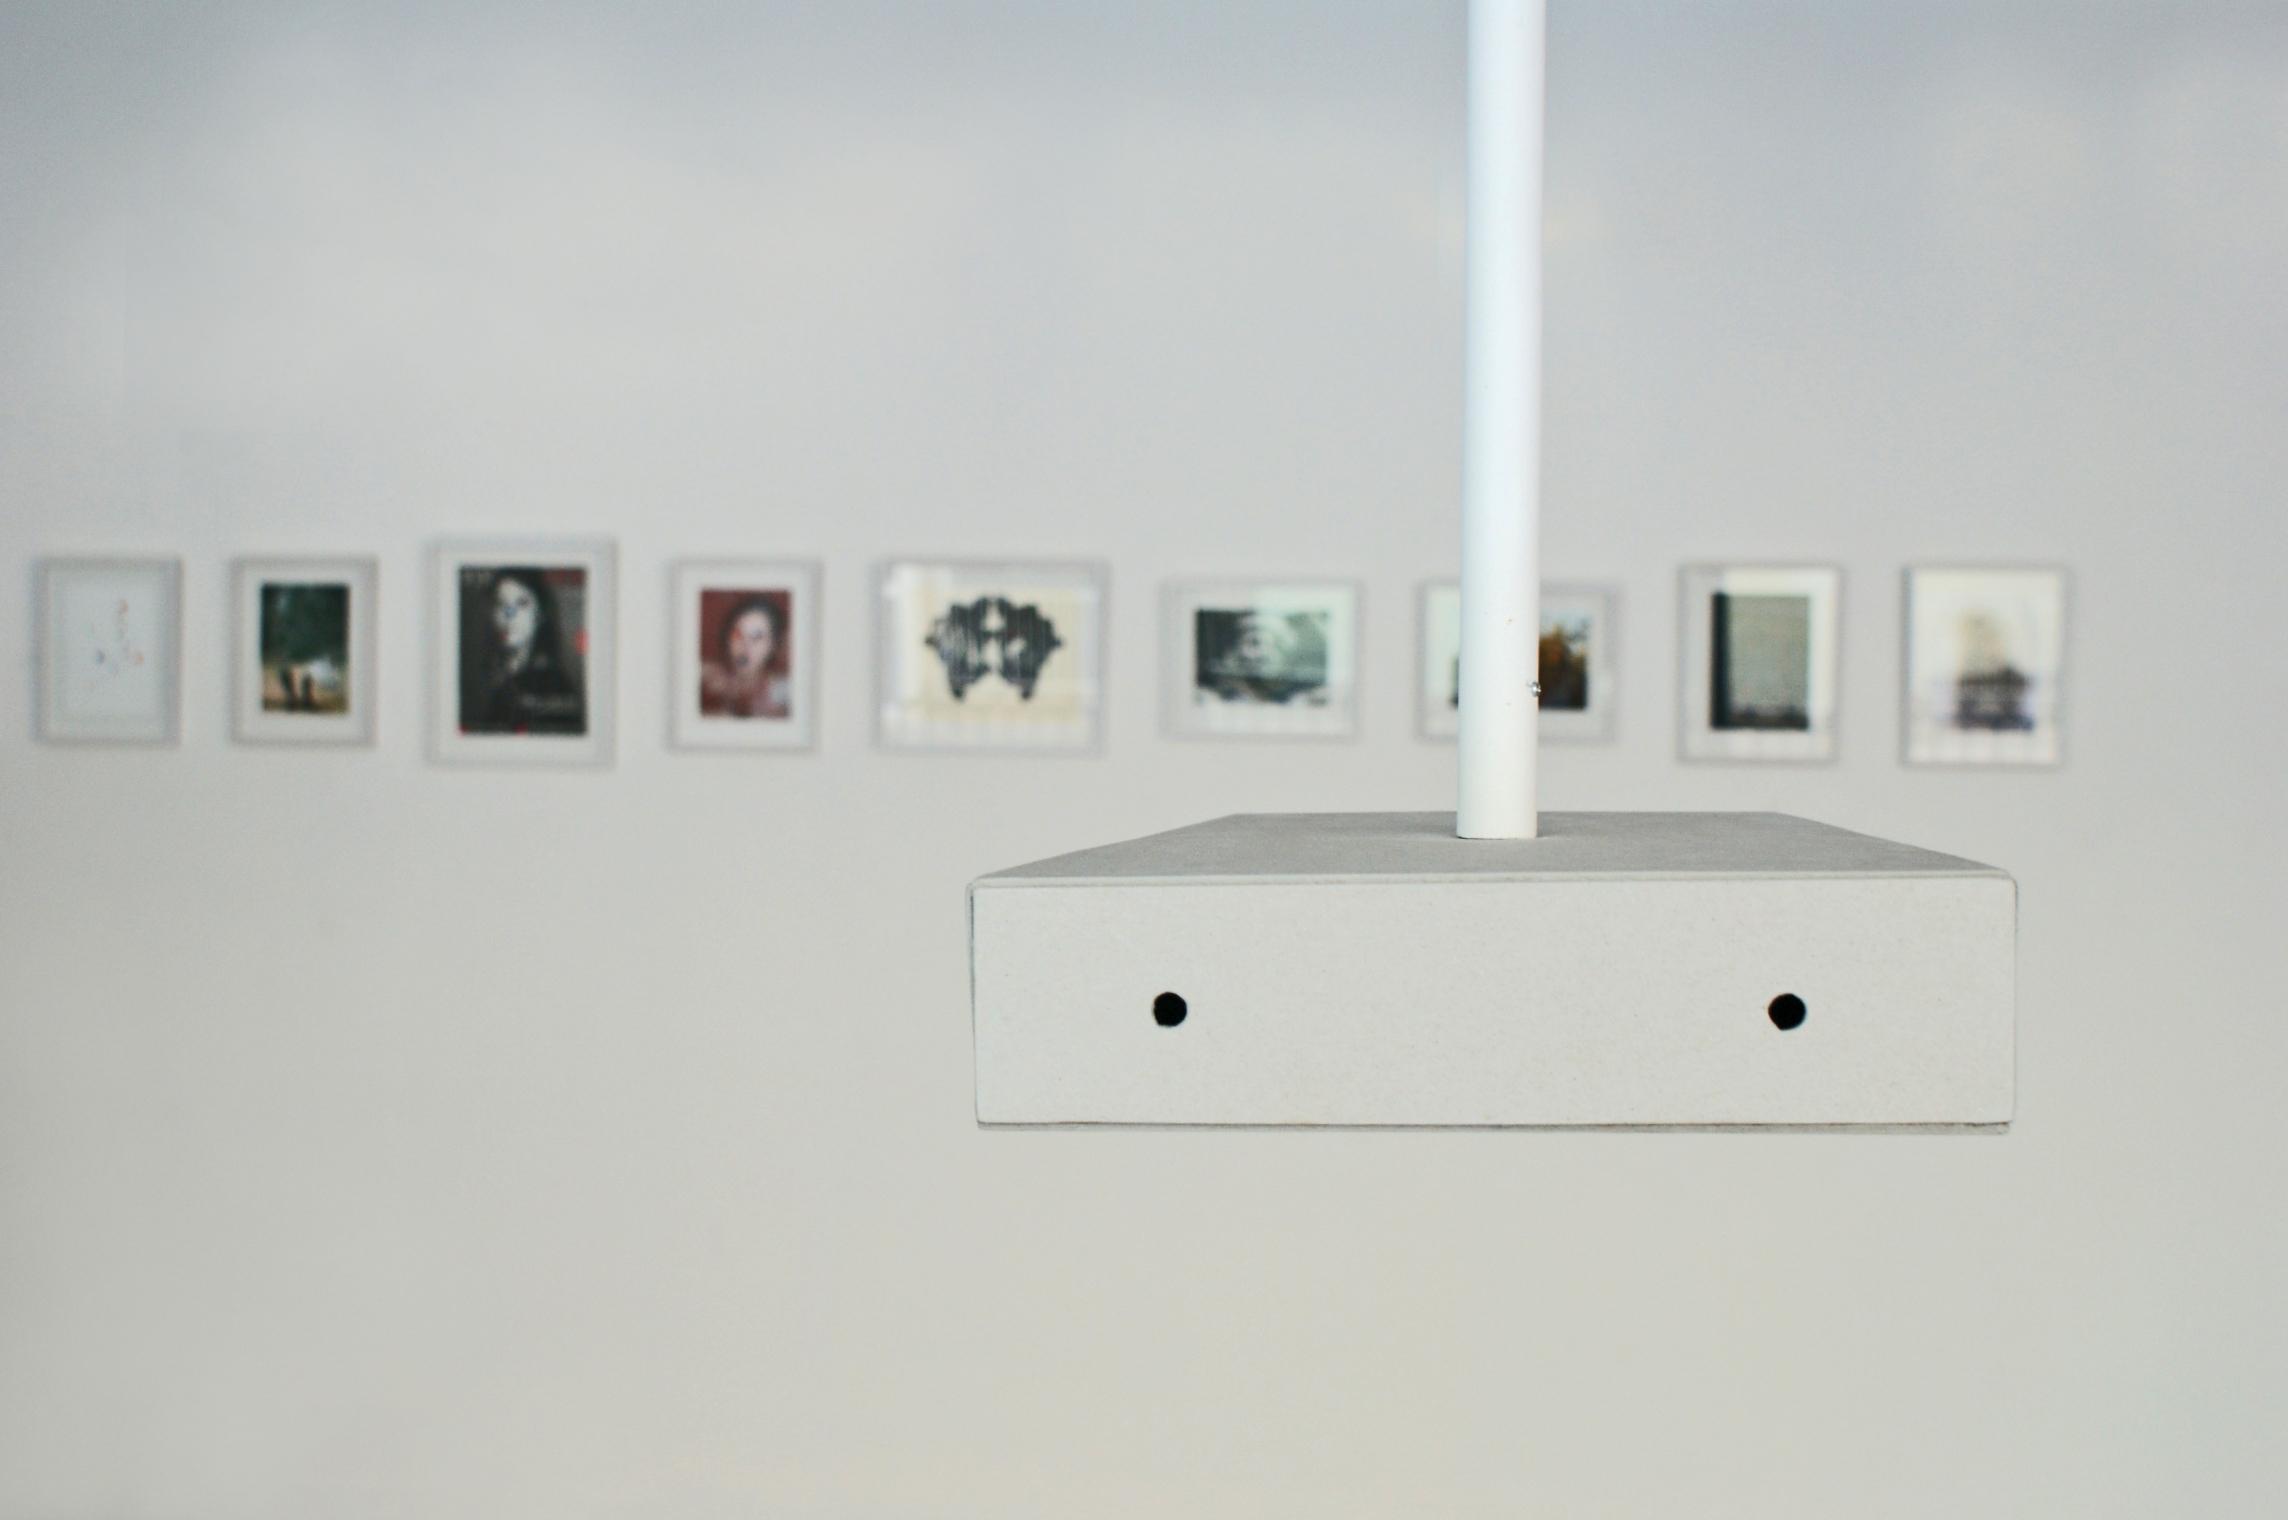 Iza Tarasewicz, 2 do2, obiekt, 2013, wtle Janek Simon, Montauk, 2013